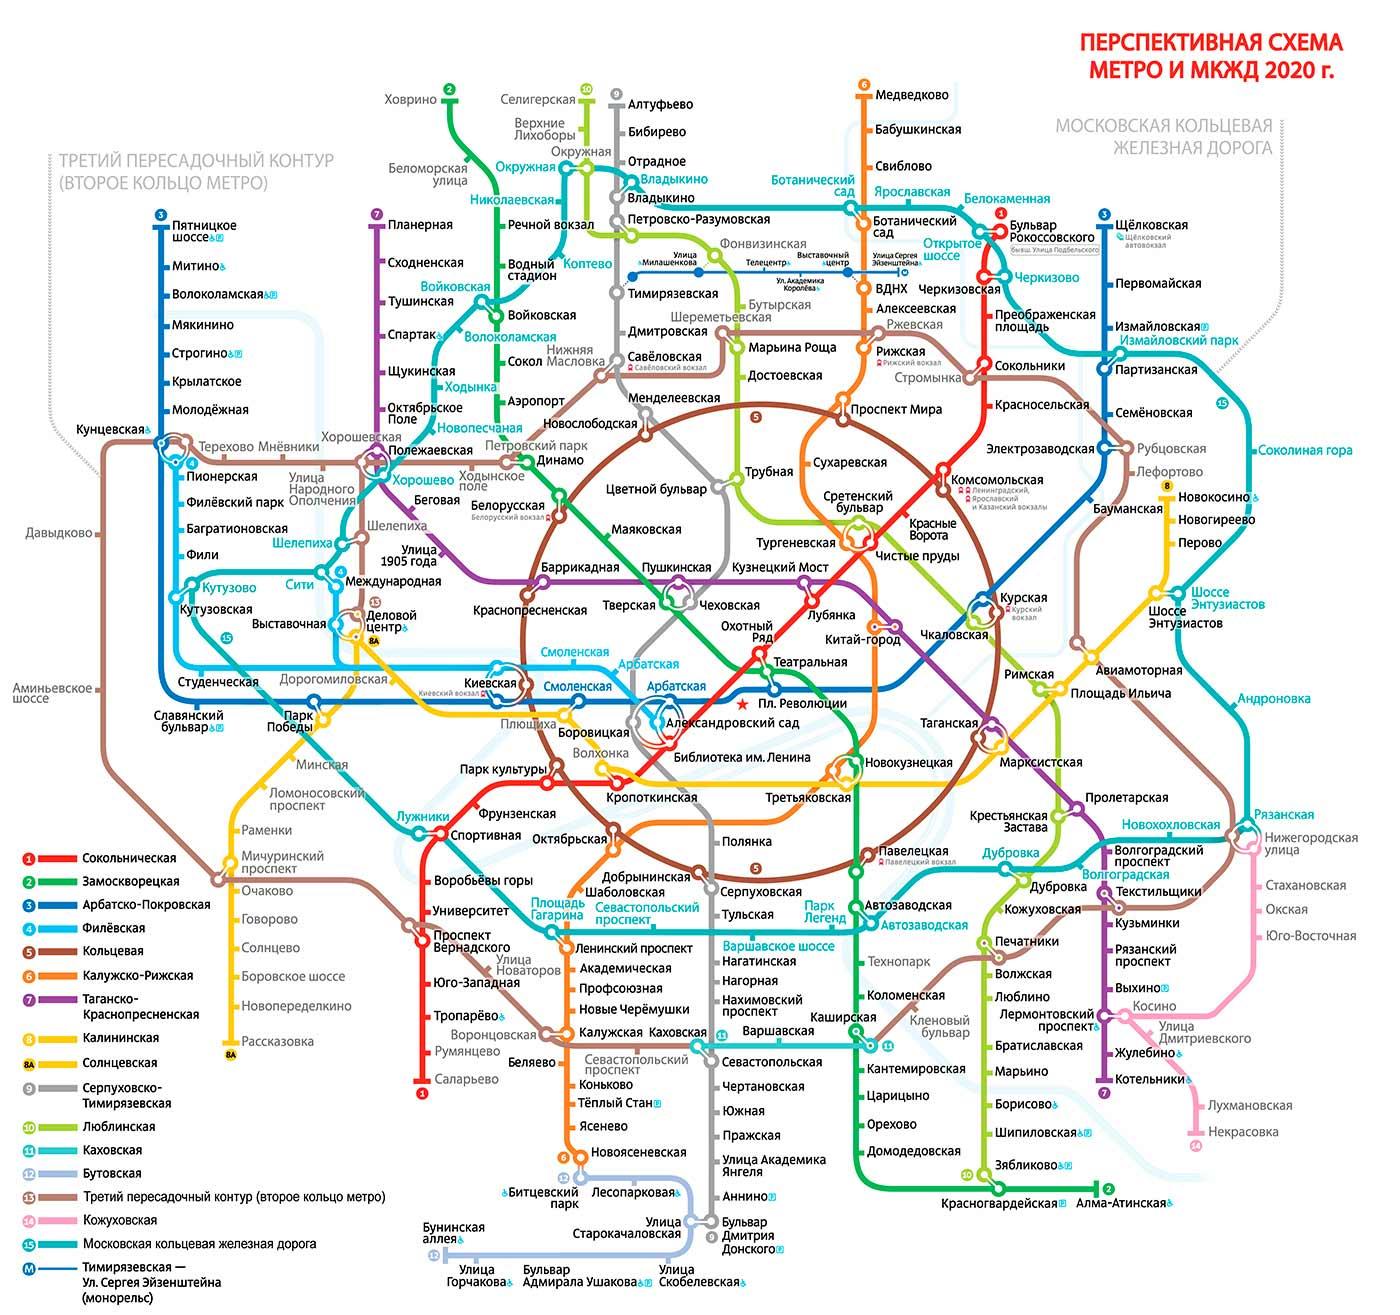 подмосковное метро схема